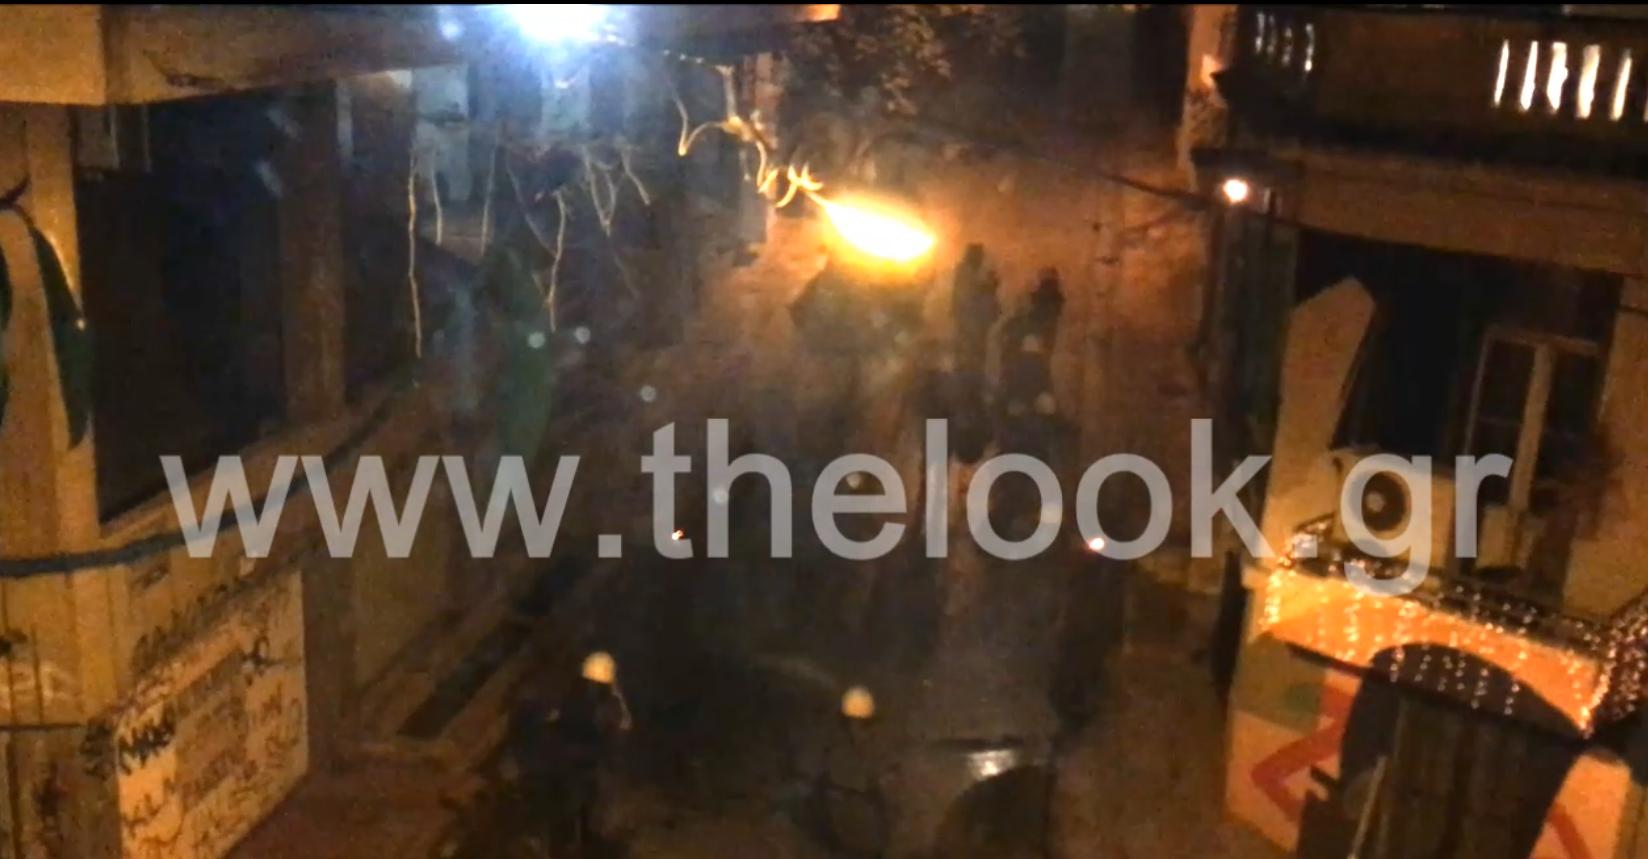 Βομβαρδισμένο τοπίο για άλλο ένα βράδυ Σαββάτου η οδός Β.Βουλγαροκτόνου στα Εξάρχεια!